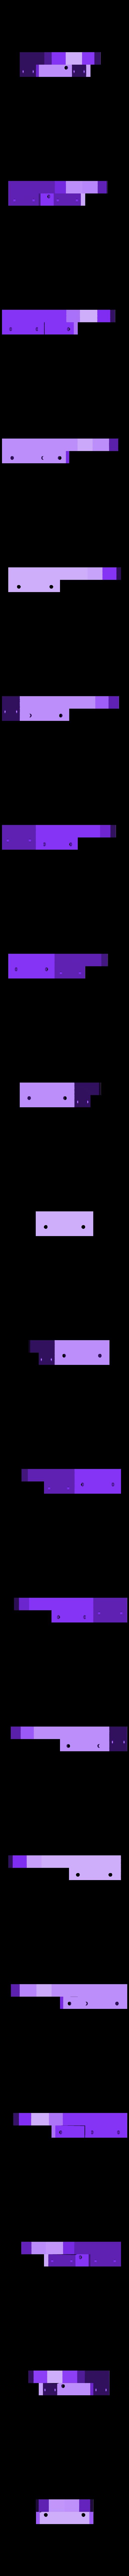 frame_leg_base_part_2.stl Télécharger fichier STL gratuit RoboDog v1.0 • Modèle pour imprimante 3D, robolab19